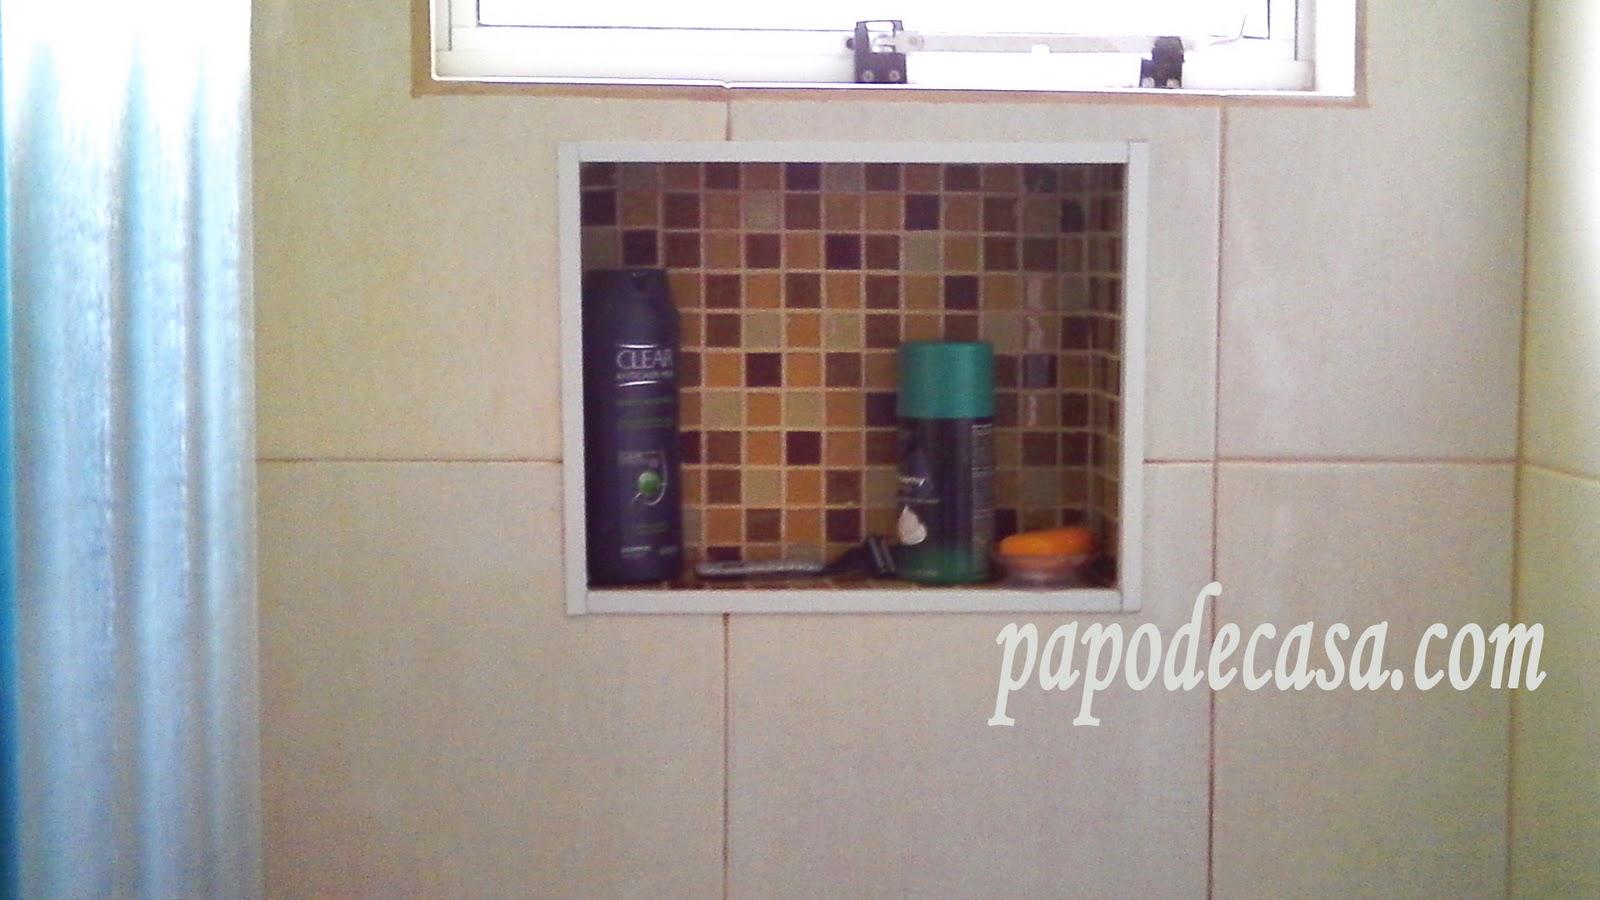 #396C92 Papo de Casa: Nichos de pastilha no banheiro 1600x900 px Banheiro Nicho Pastilhas 2731